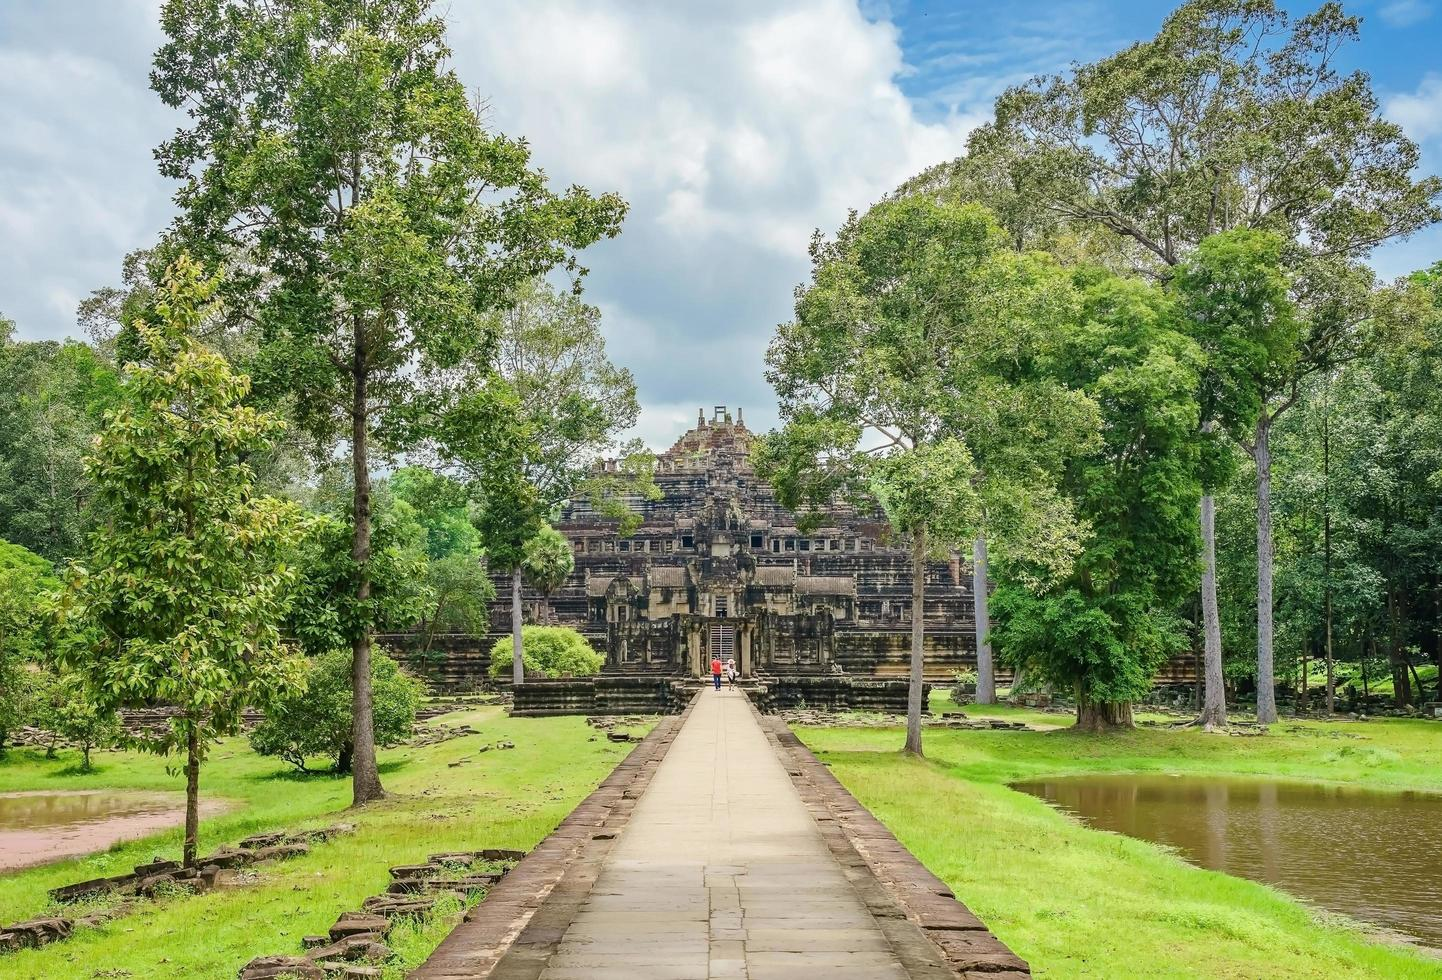 vista del tempio baphuon, angkor thom, siem reap, cambogia foto